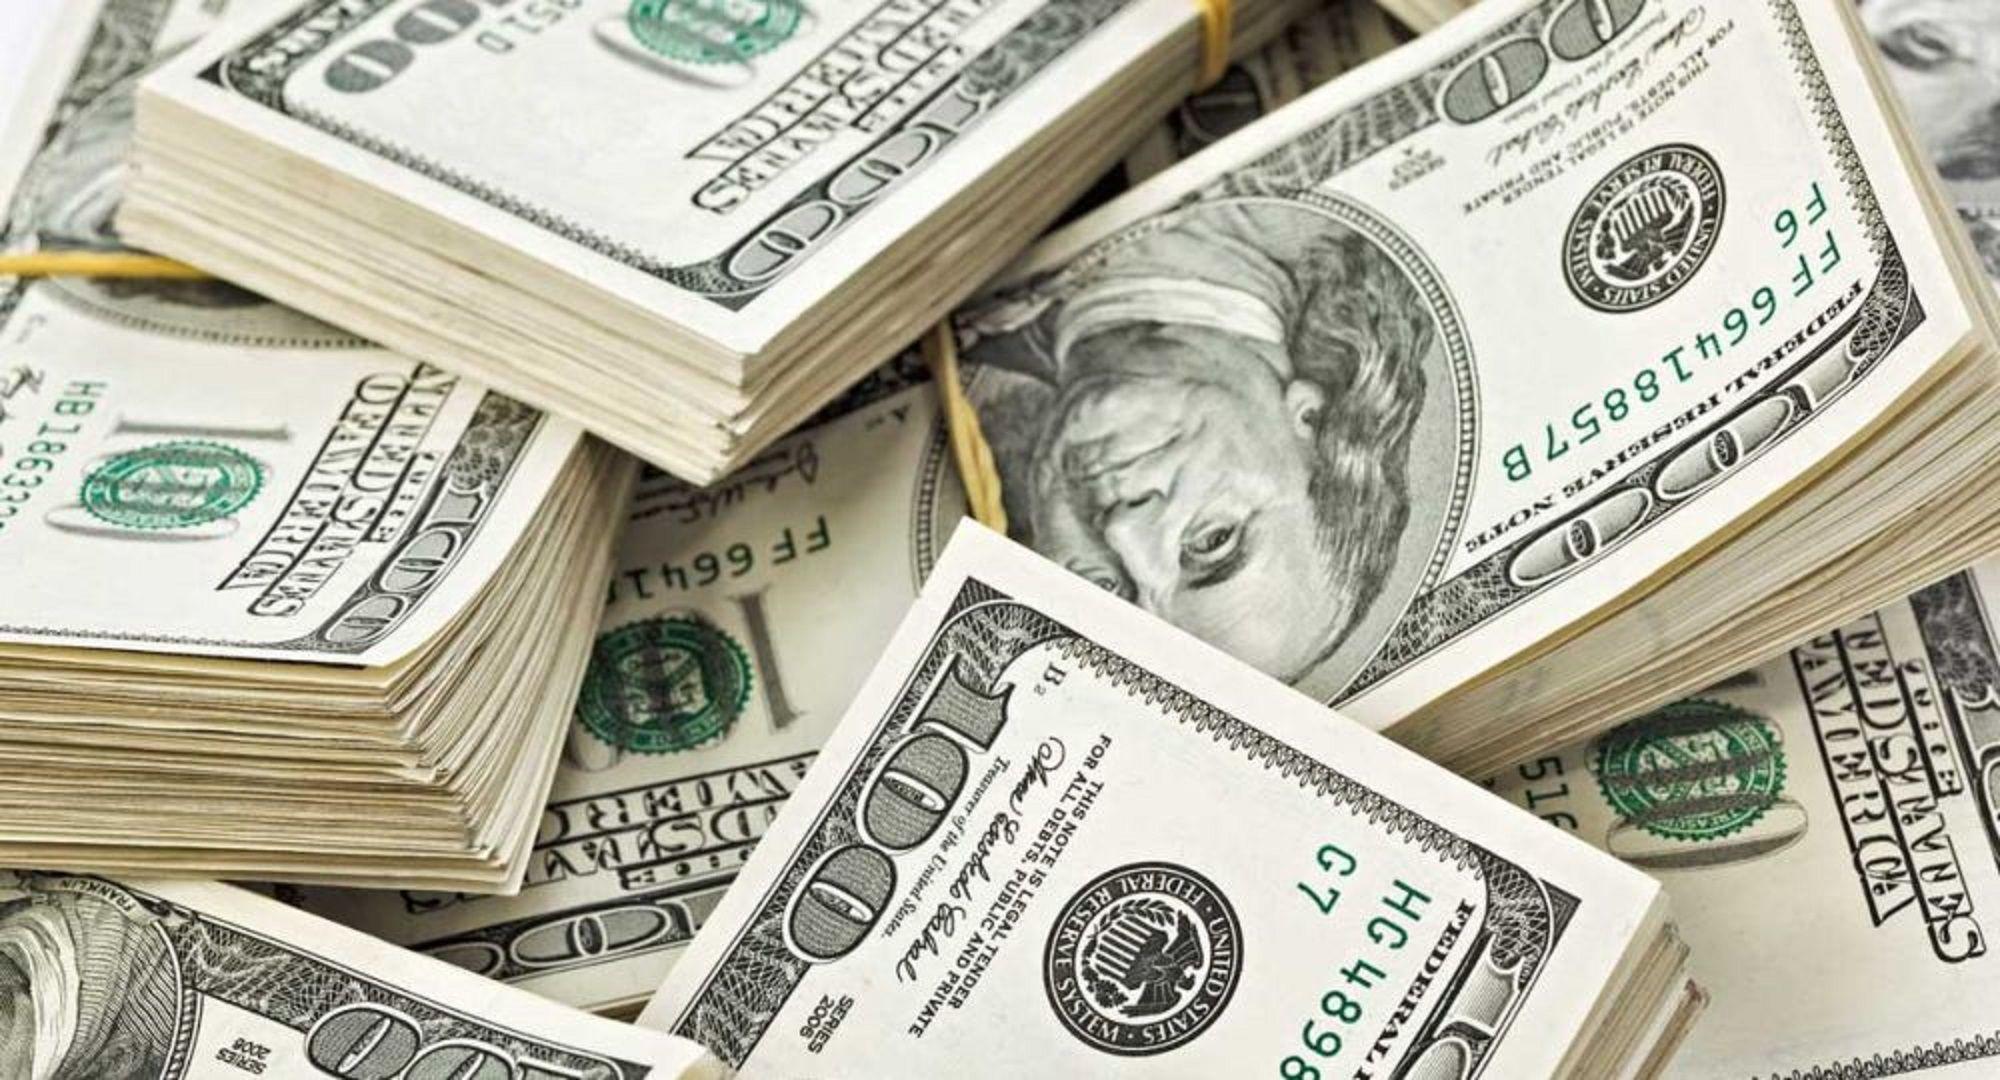 Sigue en caída: el dólar volvió a bajar por sexto día consecutivo a $17,40